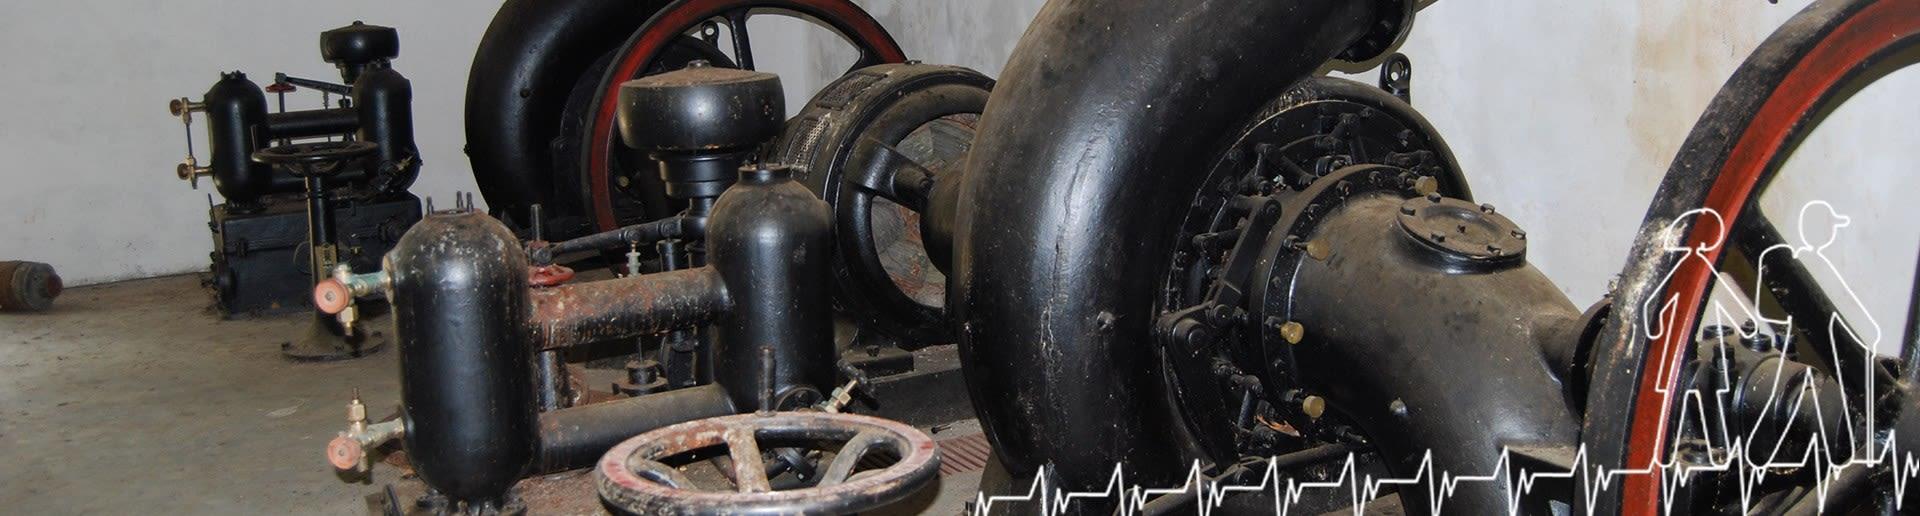 Bagni di Guida (Bivongi); Interno della centrale idroelettrica della società L'Avvenire